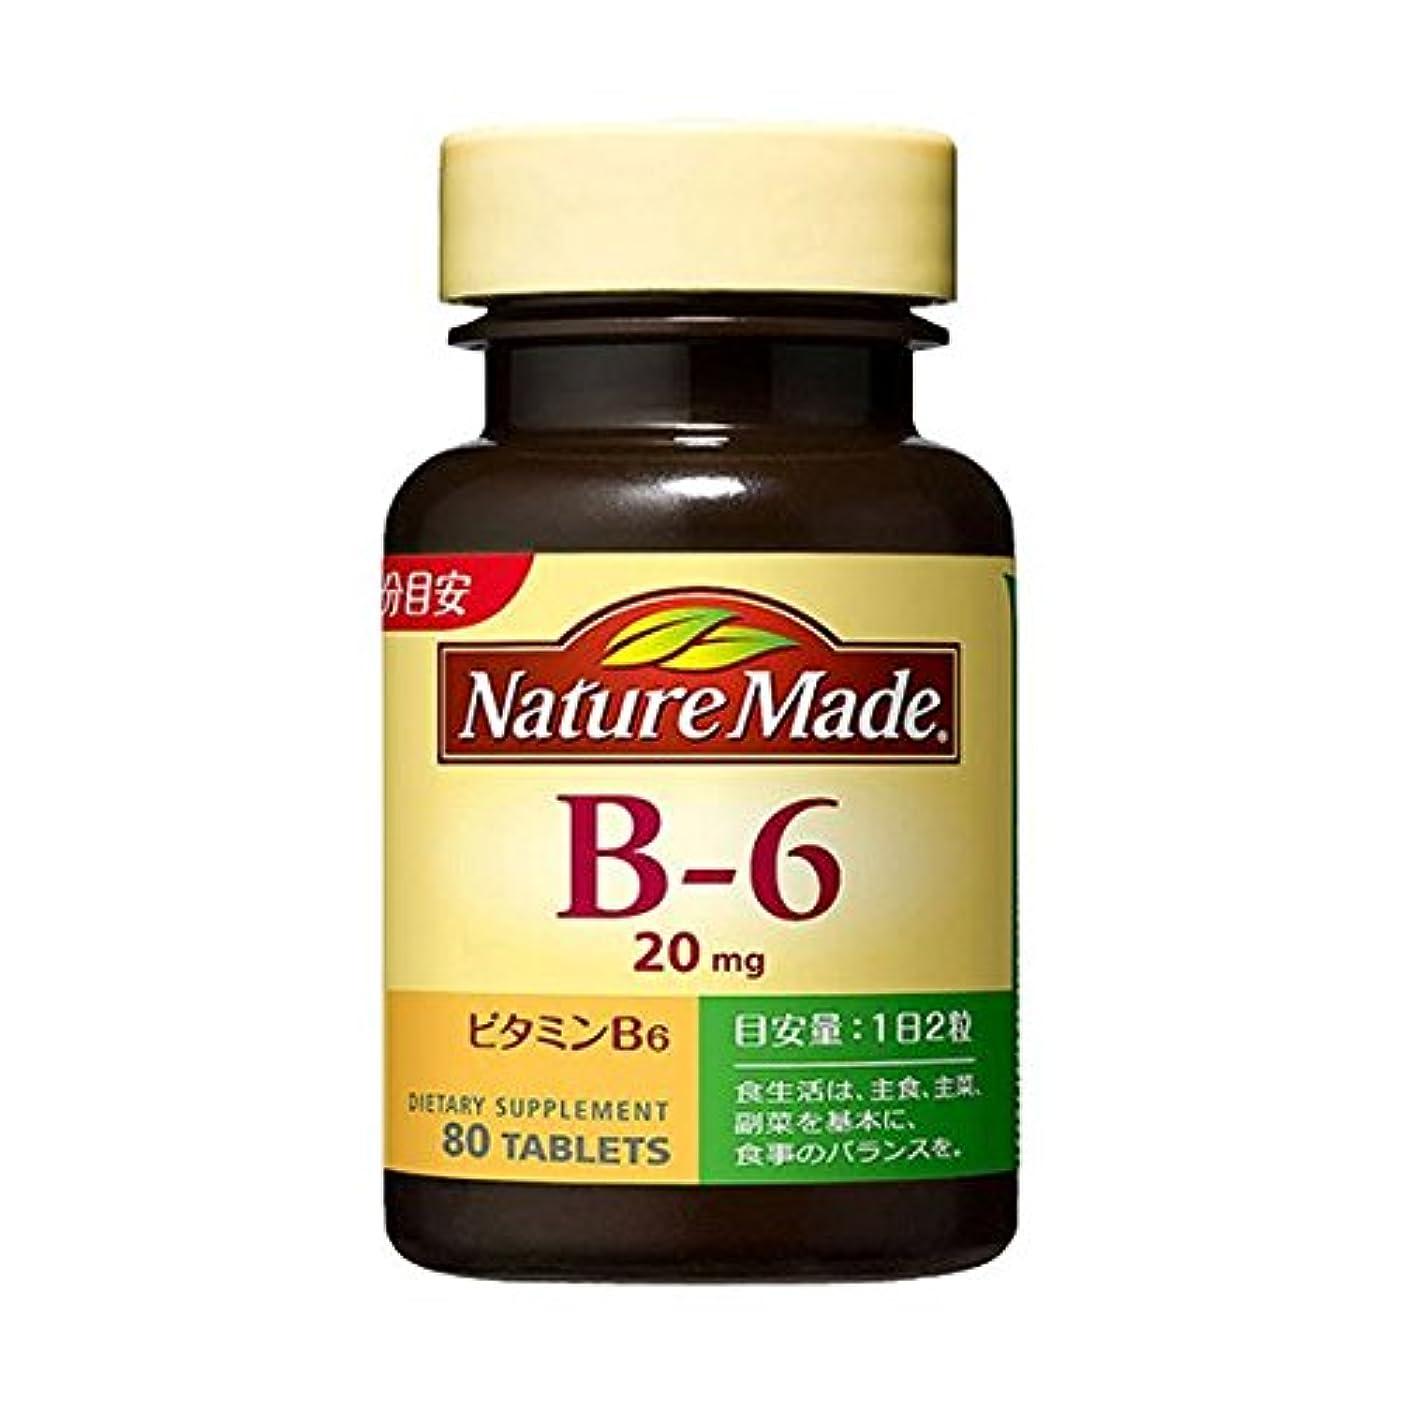 飢えた昼間可能にする大塚製薬 ネイチャーメイド ビタミンB6 80粒×3個入